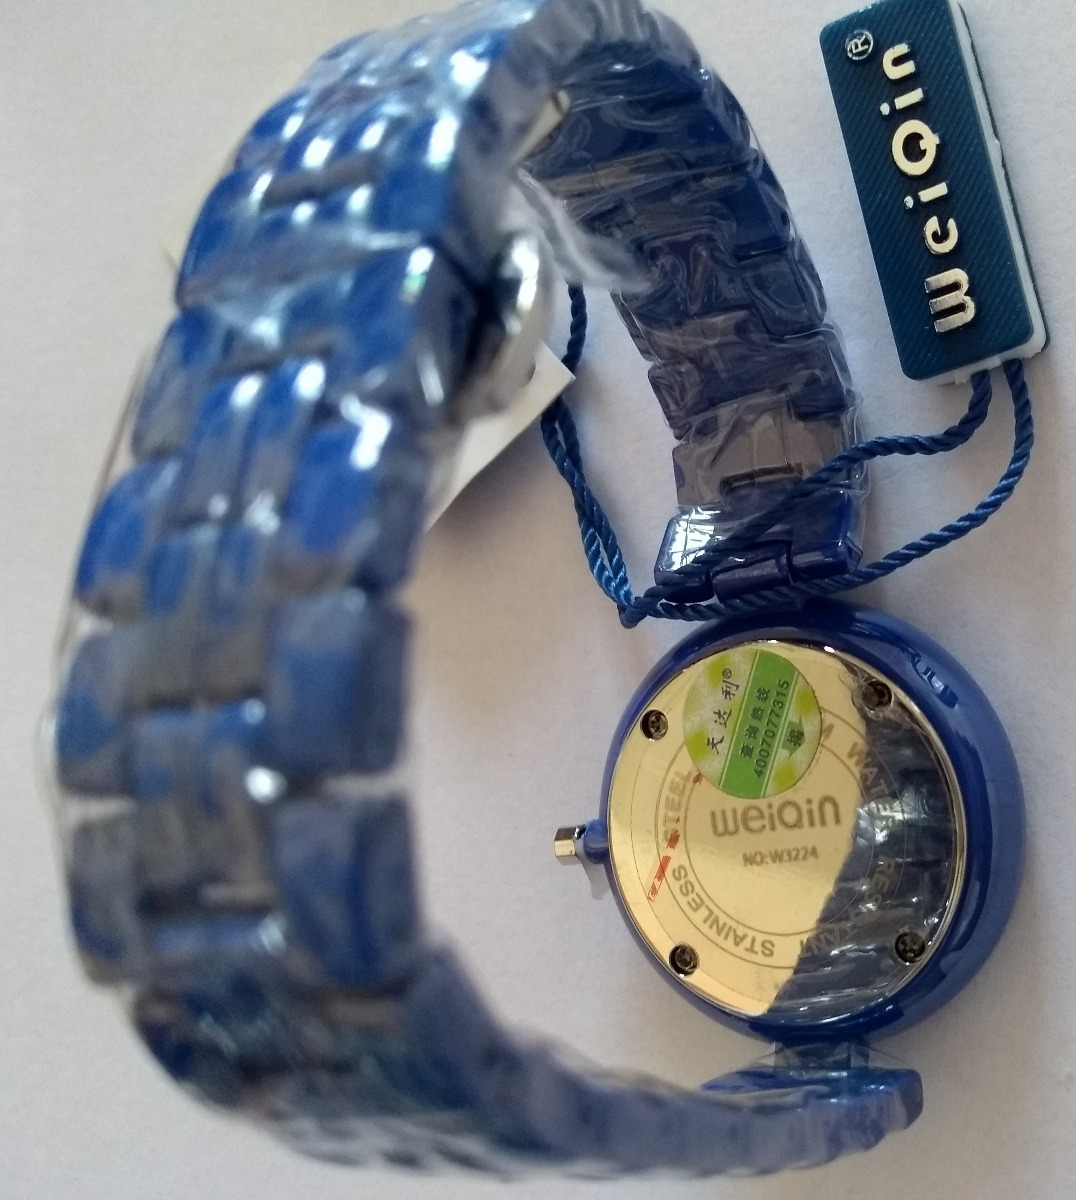 c160e2869f0 relógio feminino azul weiqin w3224 cerâmic não aprova d água. Carregando  zoom.